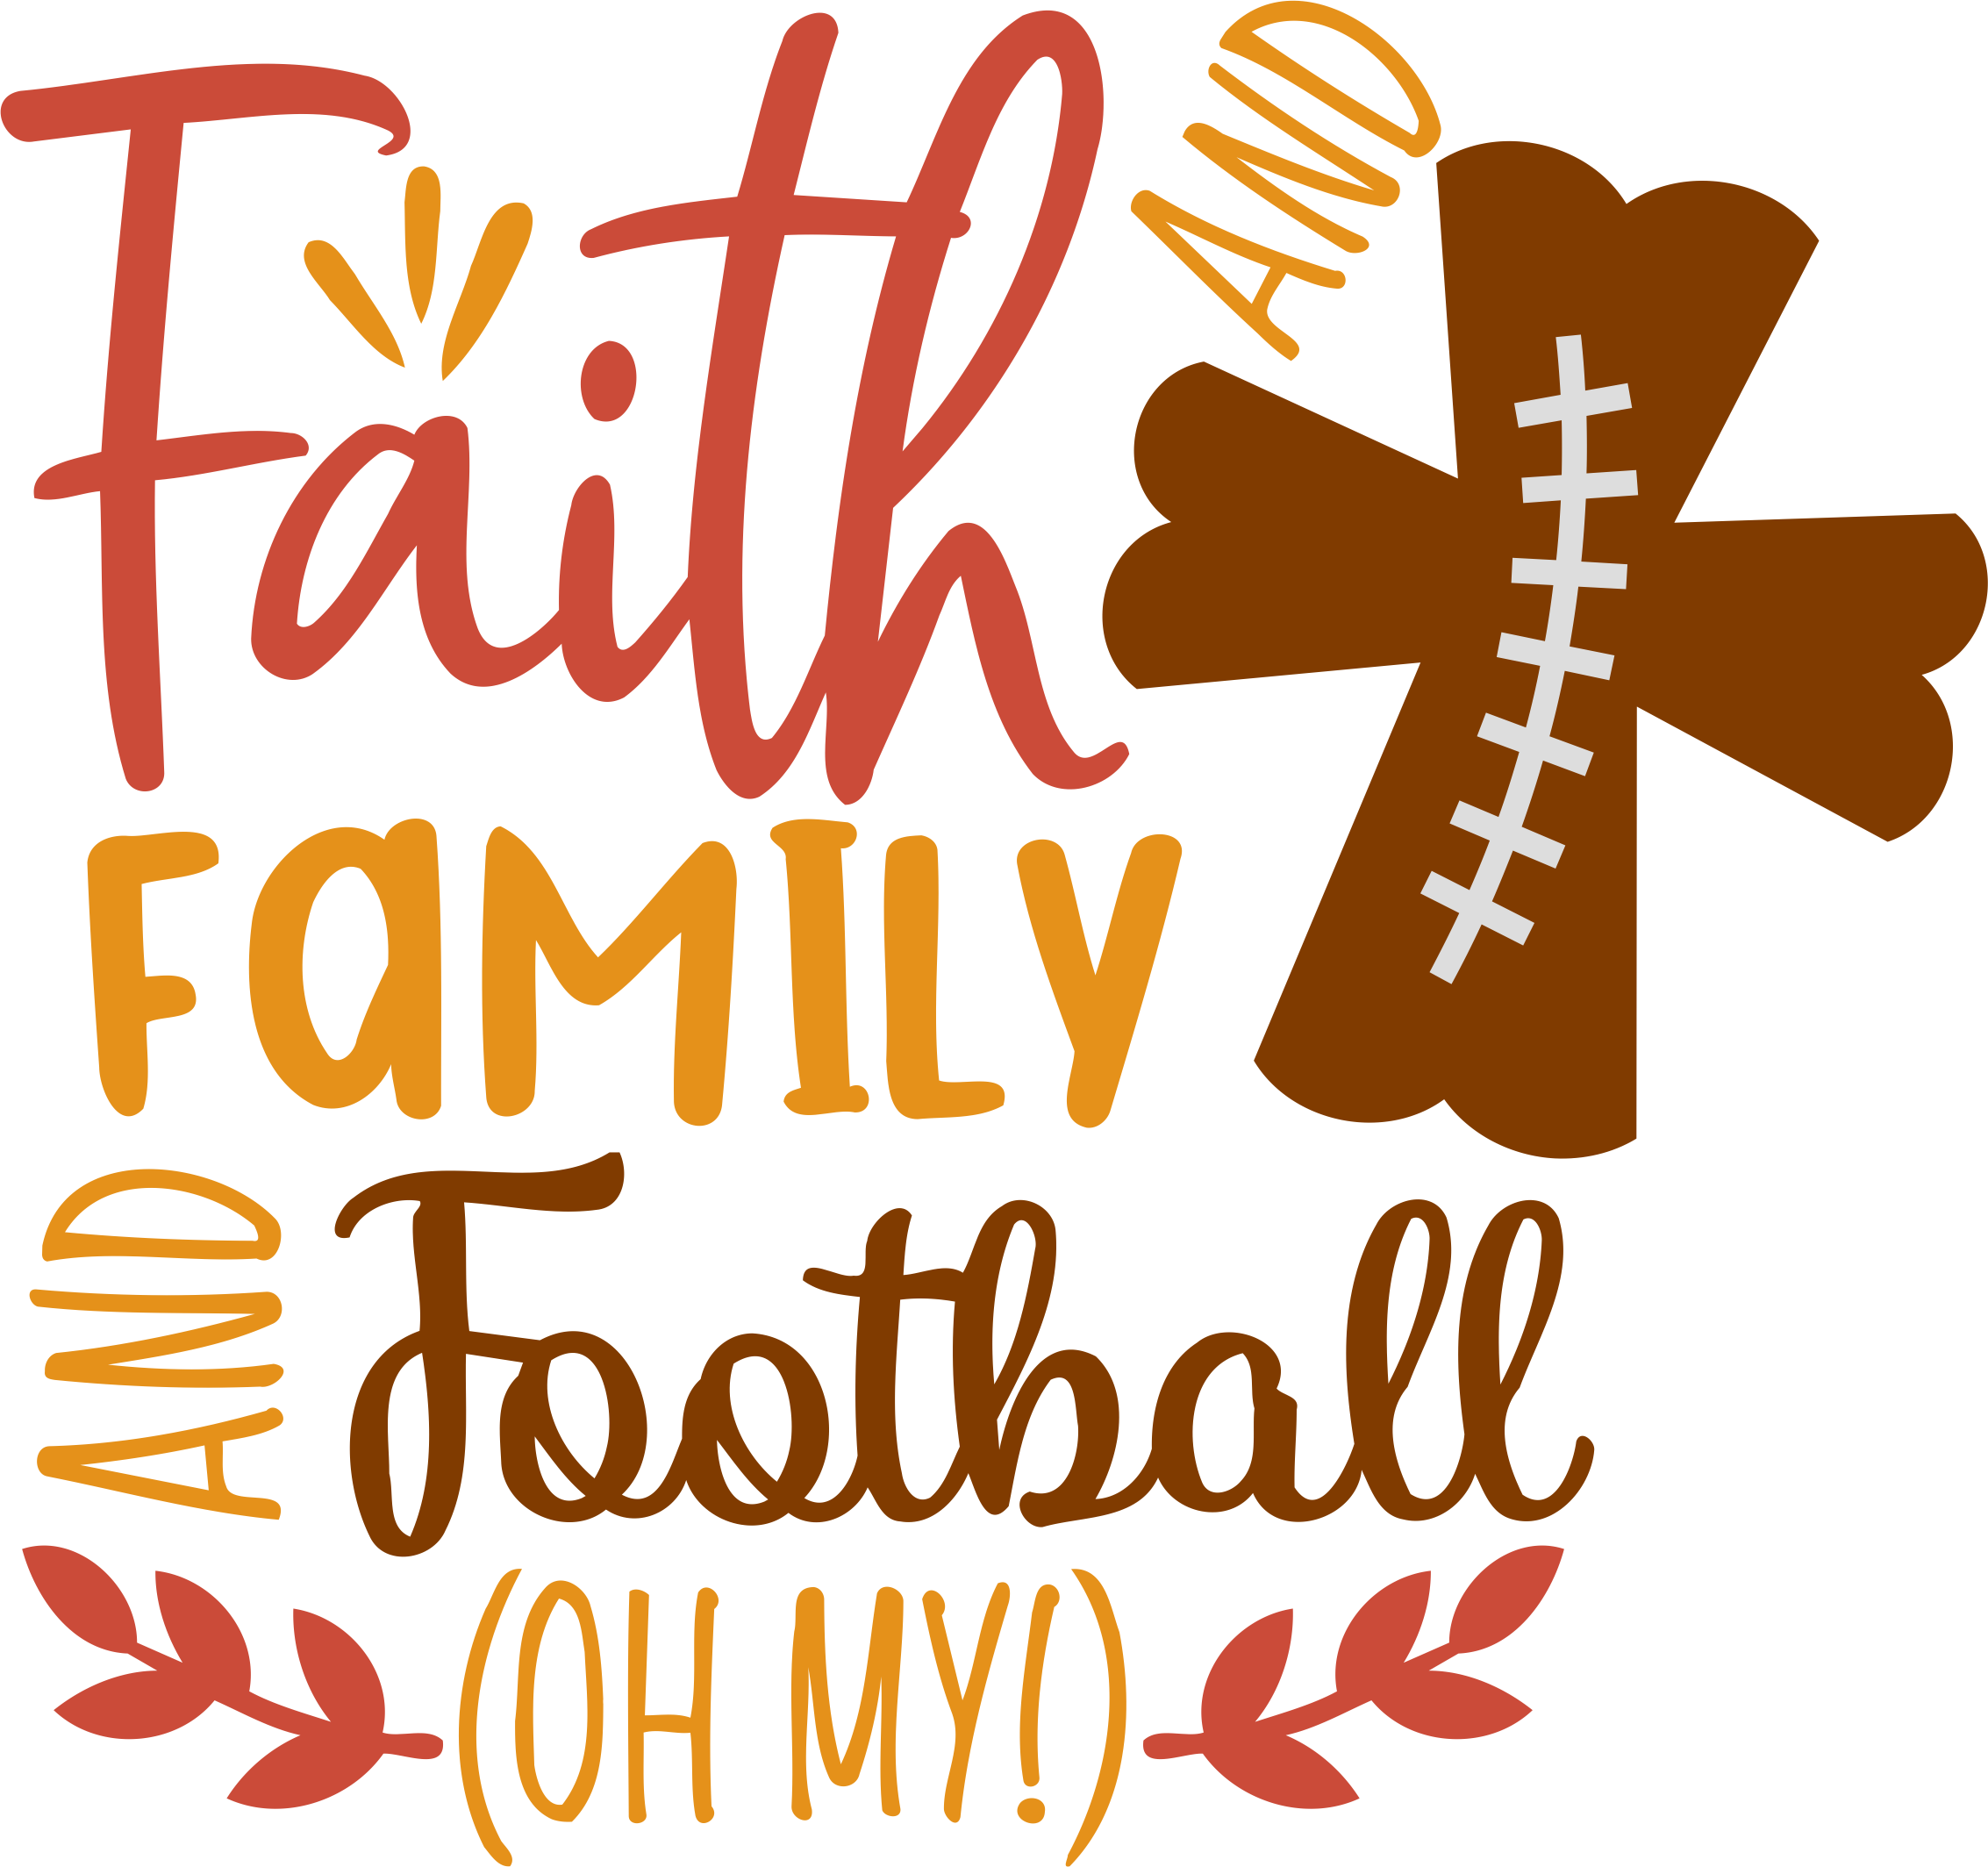 CC-FaithFamilyFootball.png